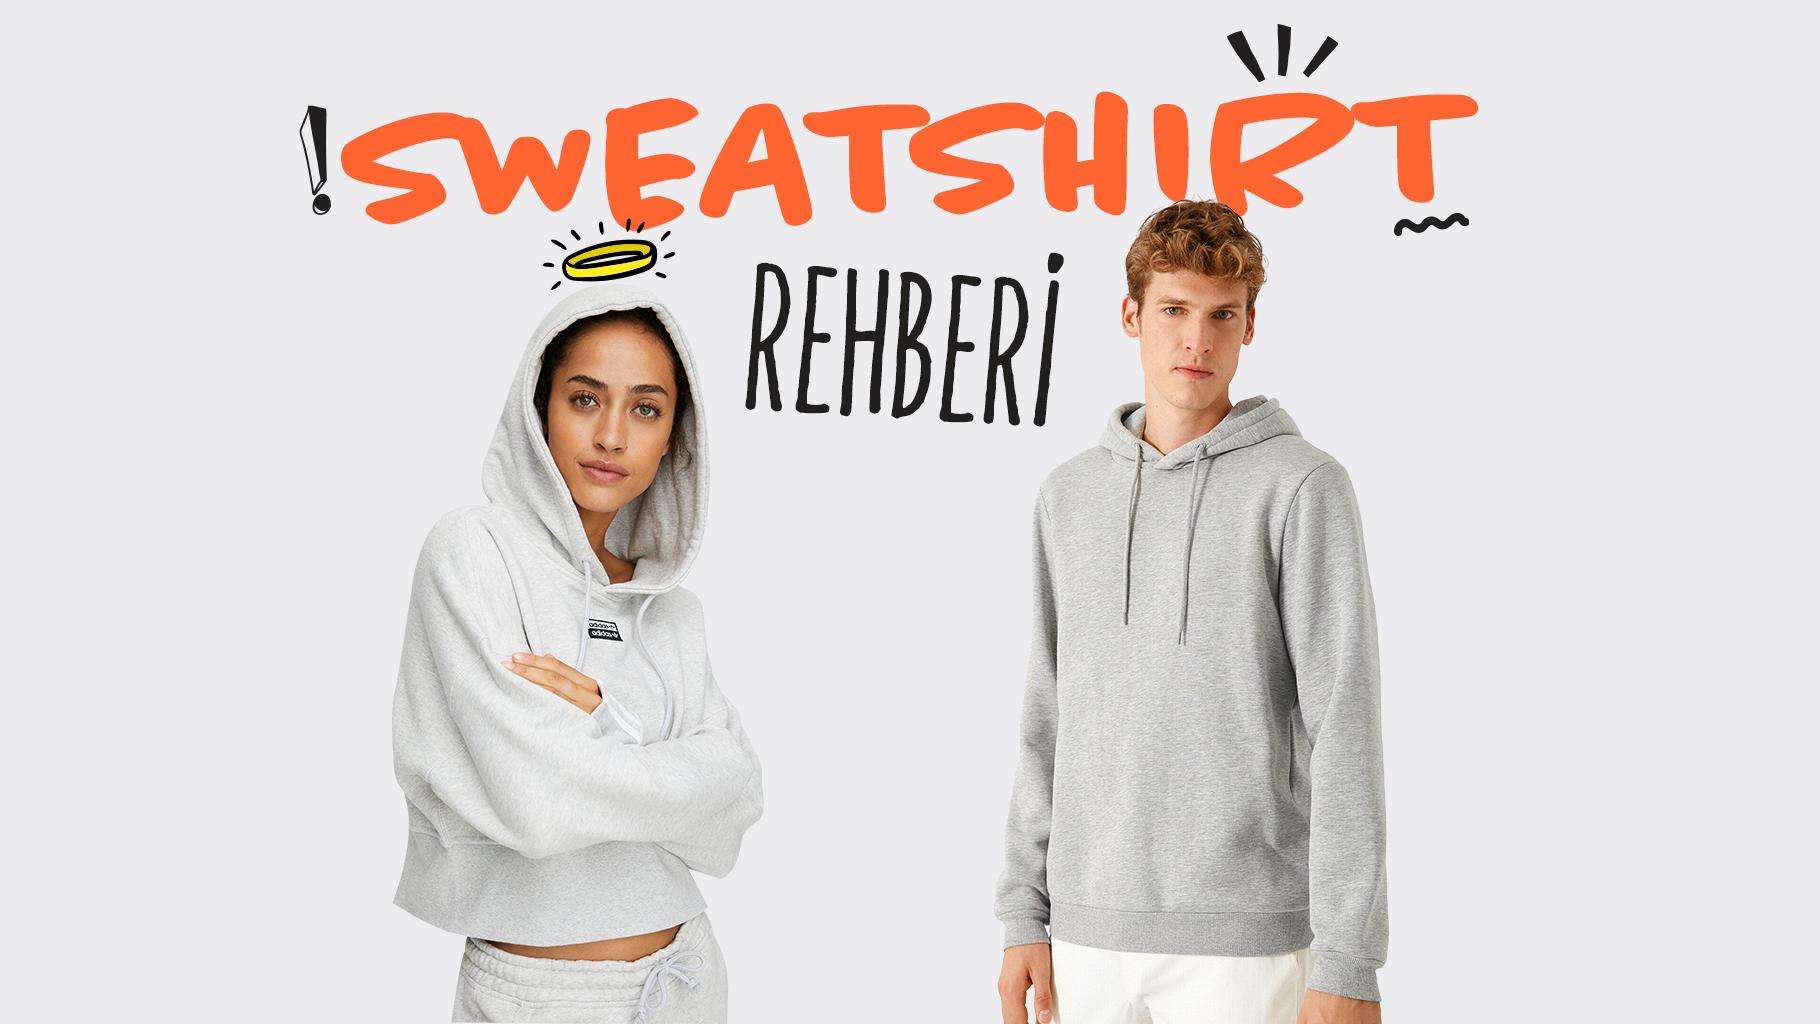 Sweatshirt rehberi